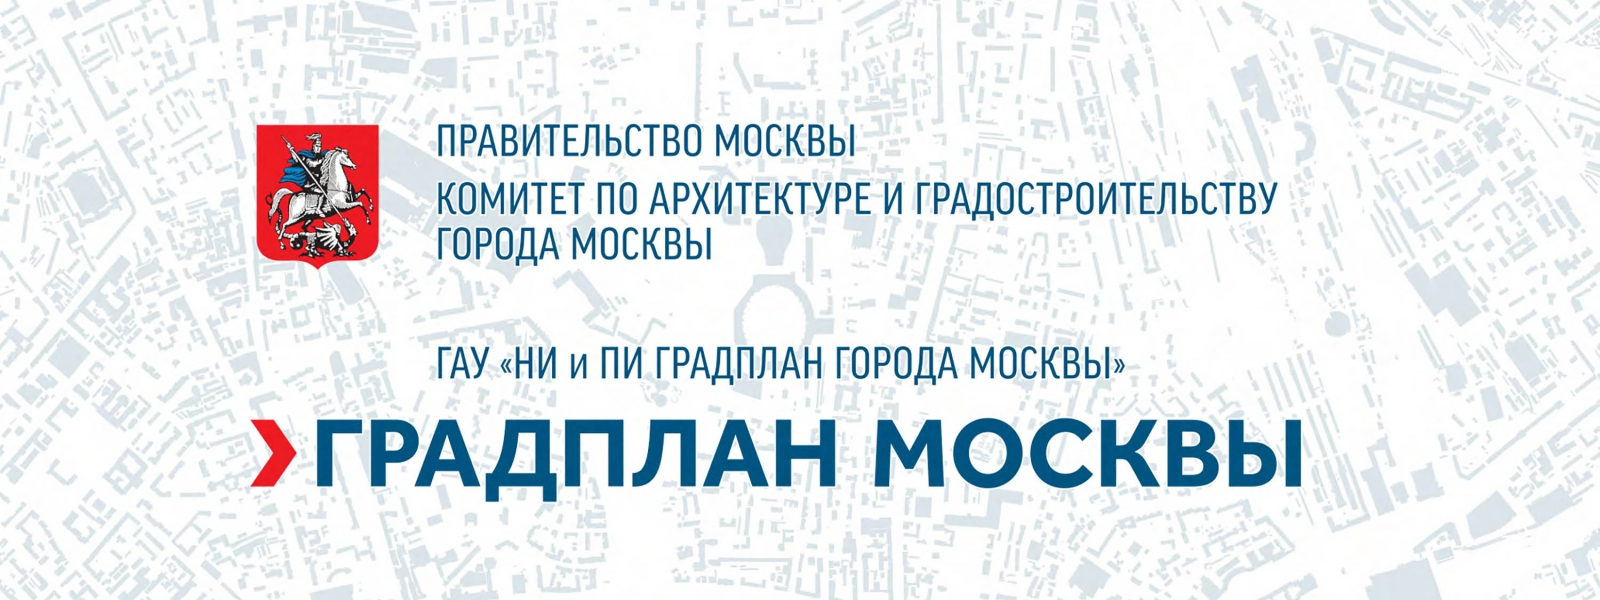 work-Методические рекомендации по оценке экономической эффективности мероприятий комплексного развития территорий